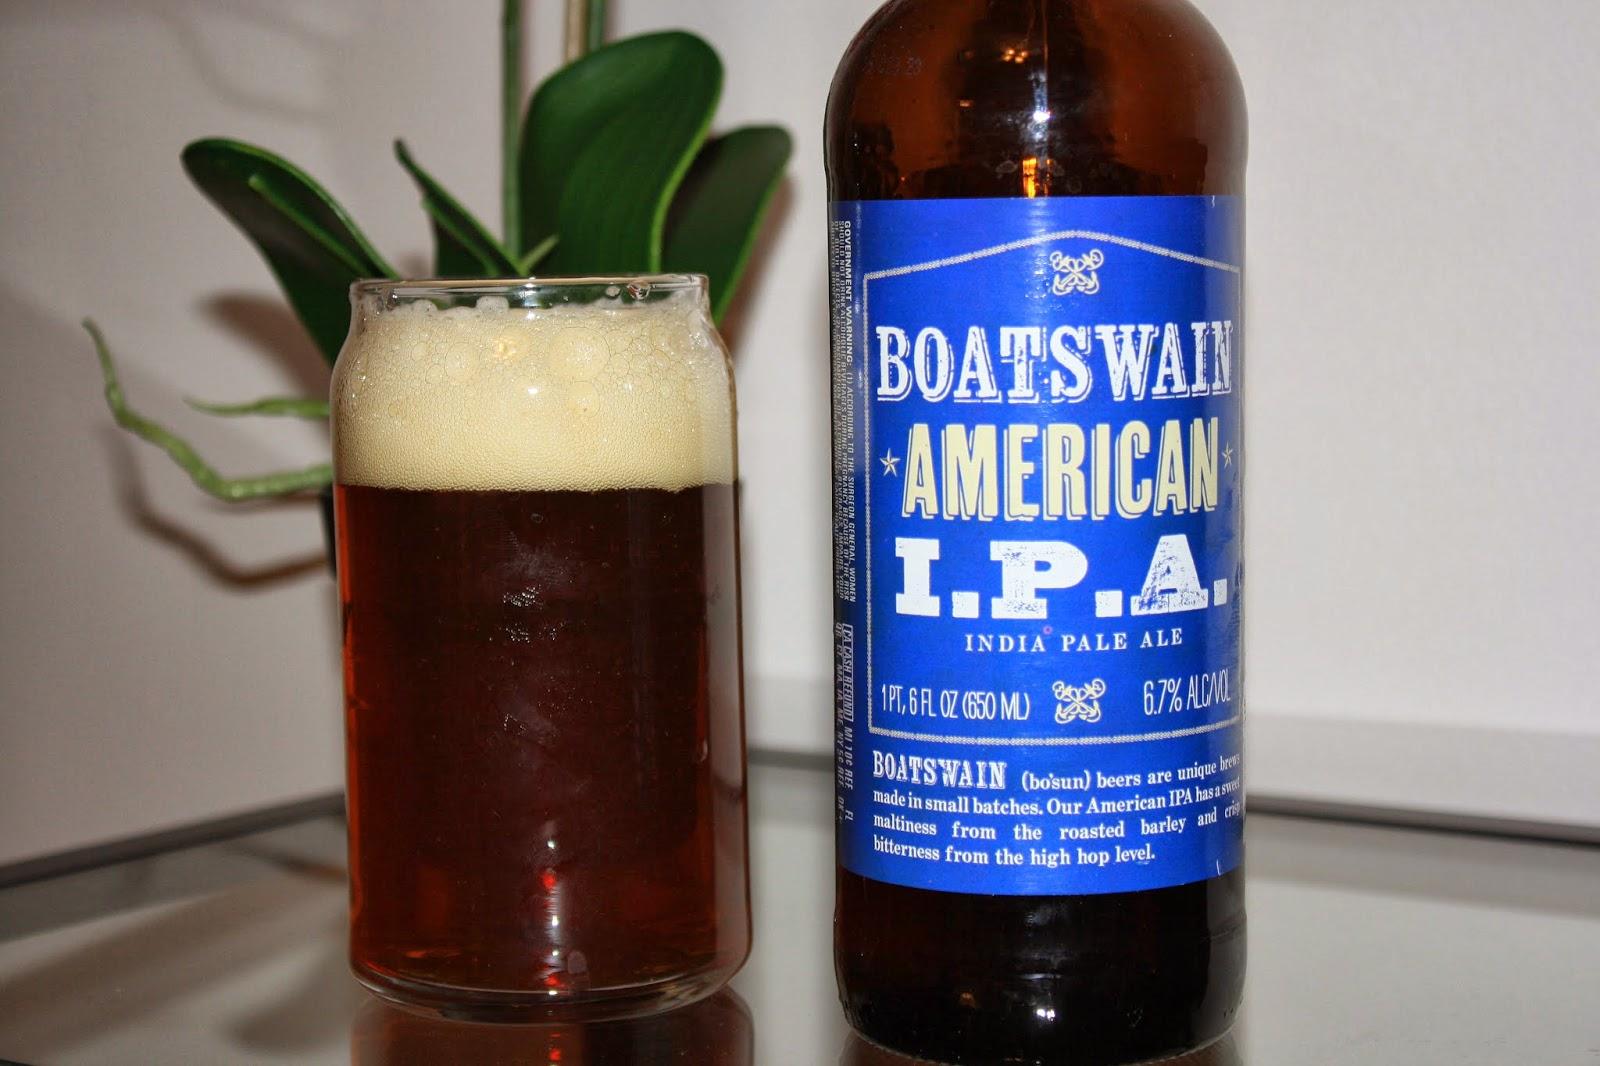 Trader Joe's, Boatswain IPA, India Pale Ale